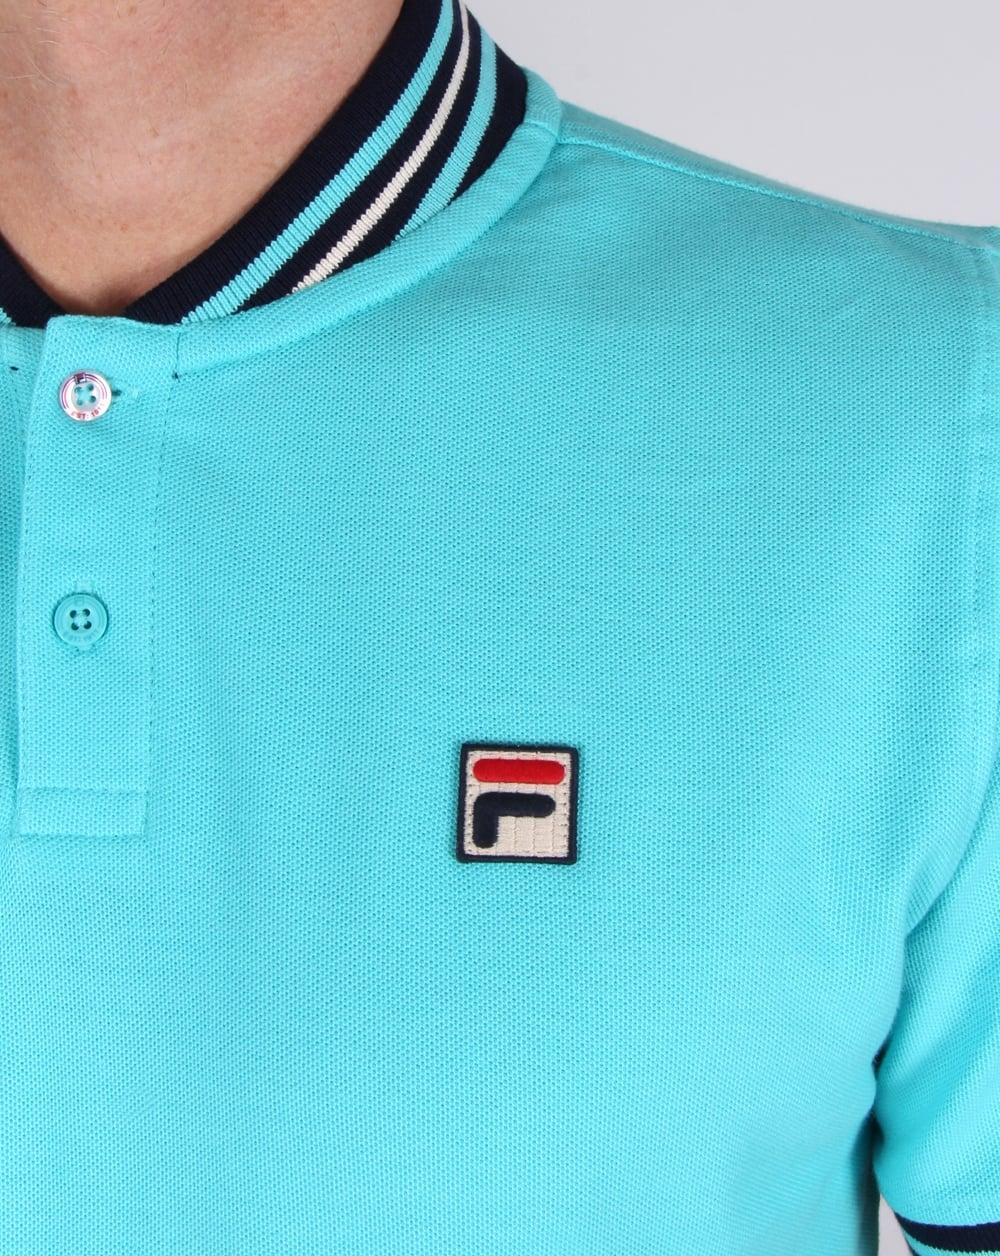 231e4df85b9 Fila Vintage Skipper Polo Shirt Blue Radience